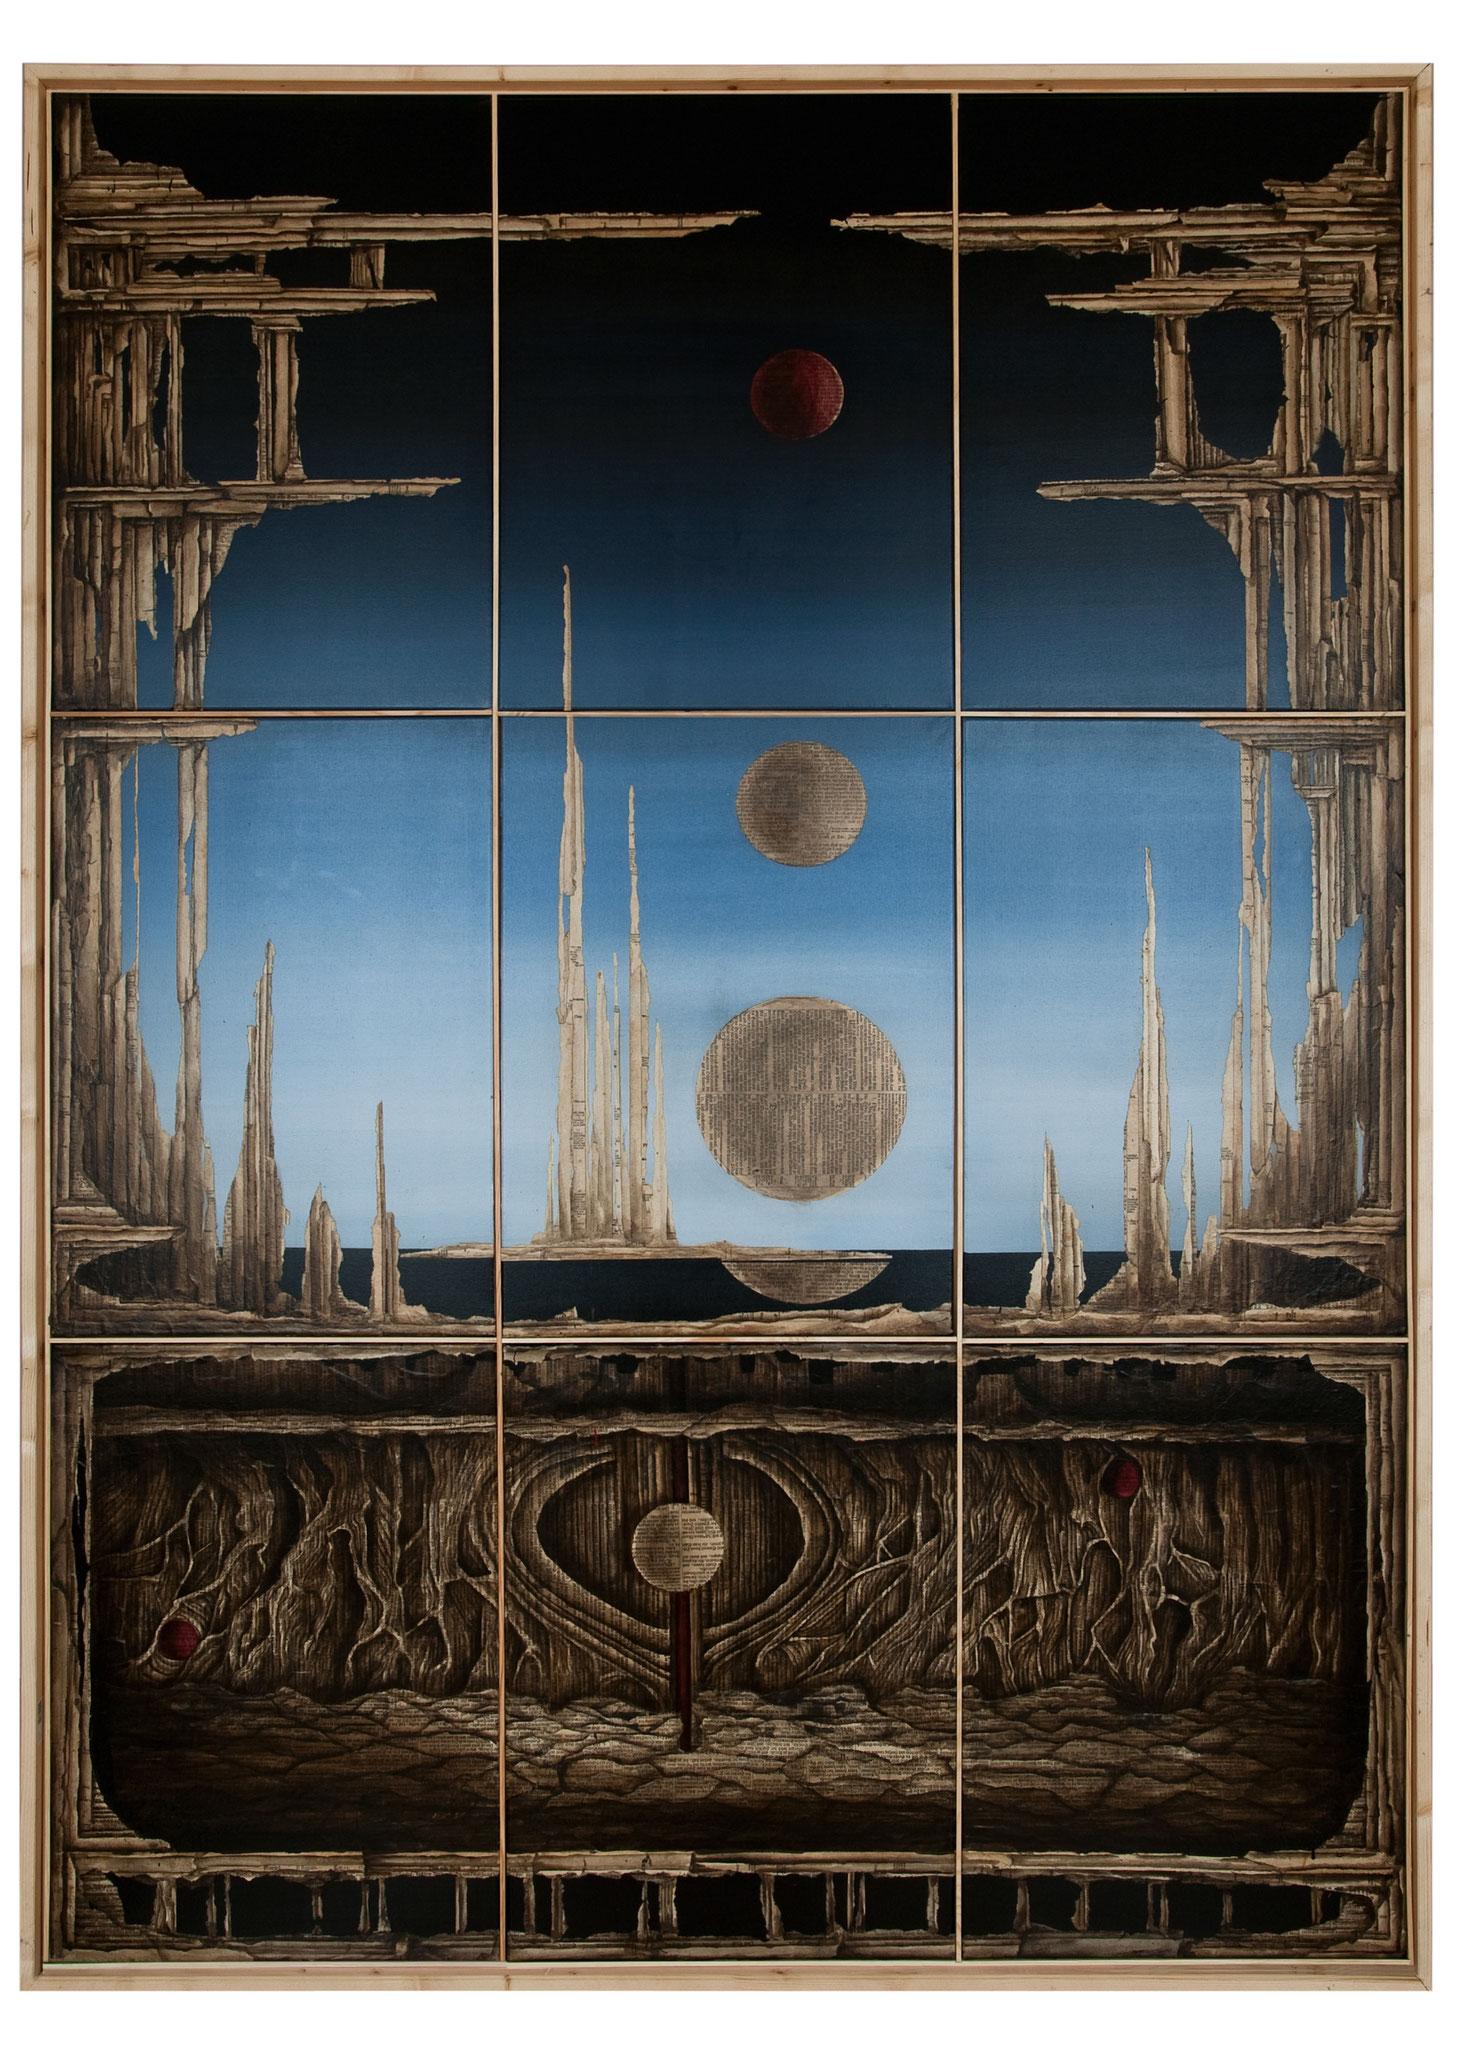 UNTER DER RUHE - - 2014 - Acryl, Tusche, Papier auf Leinwand  - 218 x158 cm